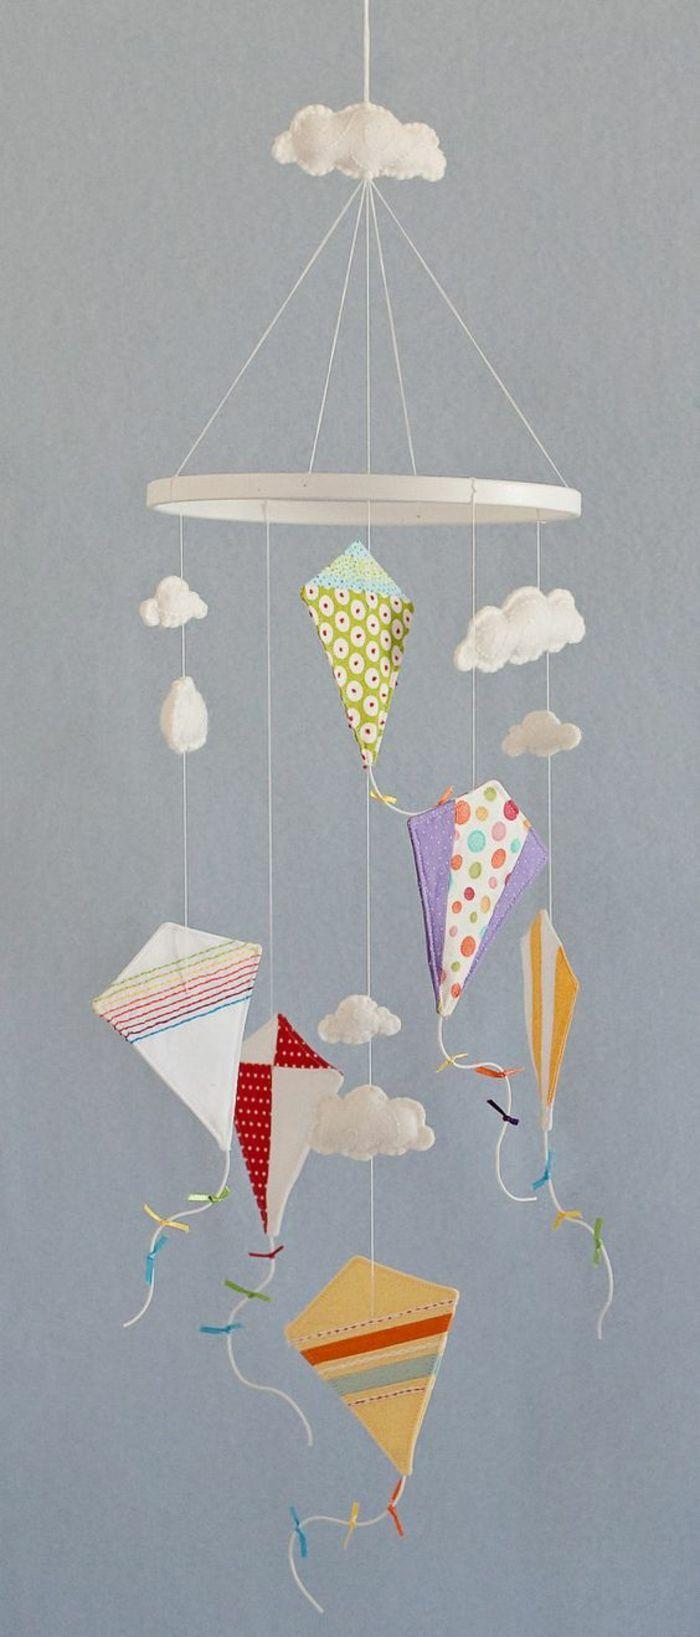 Drachen Basteln Als Mobile Fürs Kinderzimmer Bastelideen Mit Stoff Diy Baby